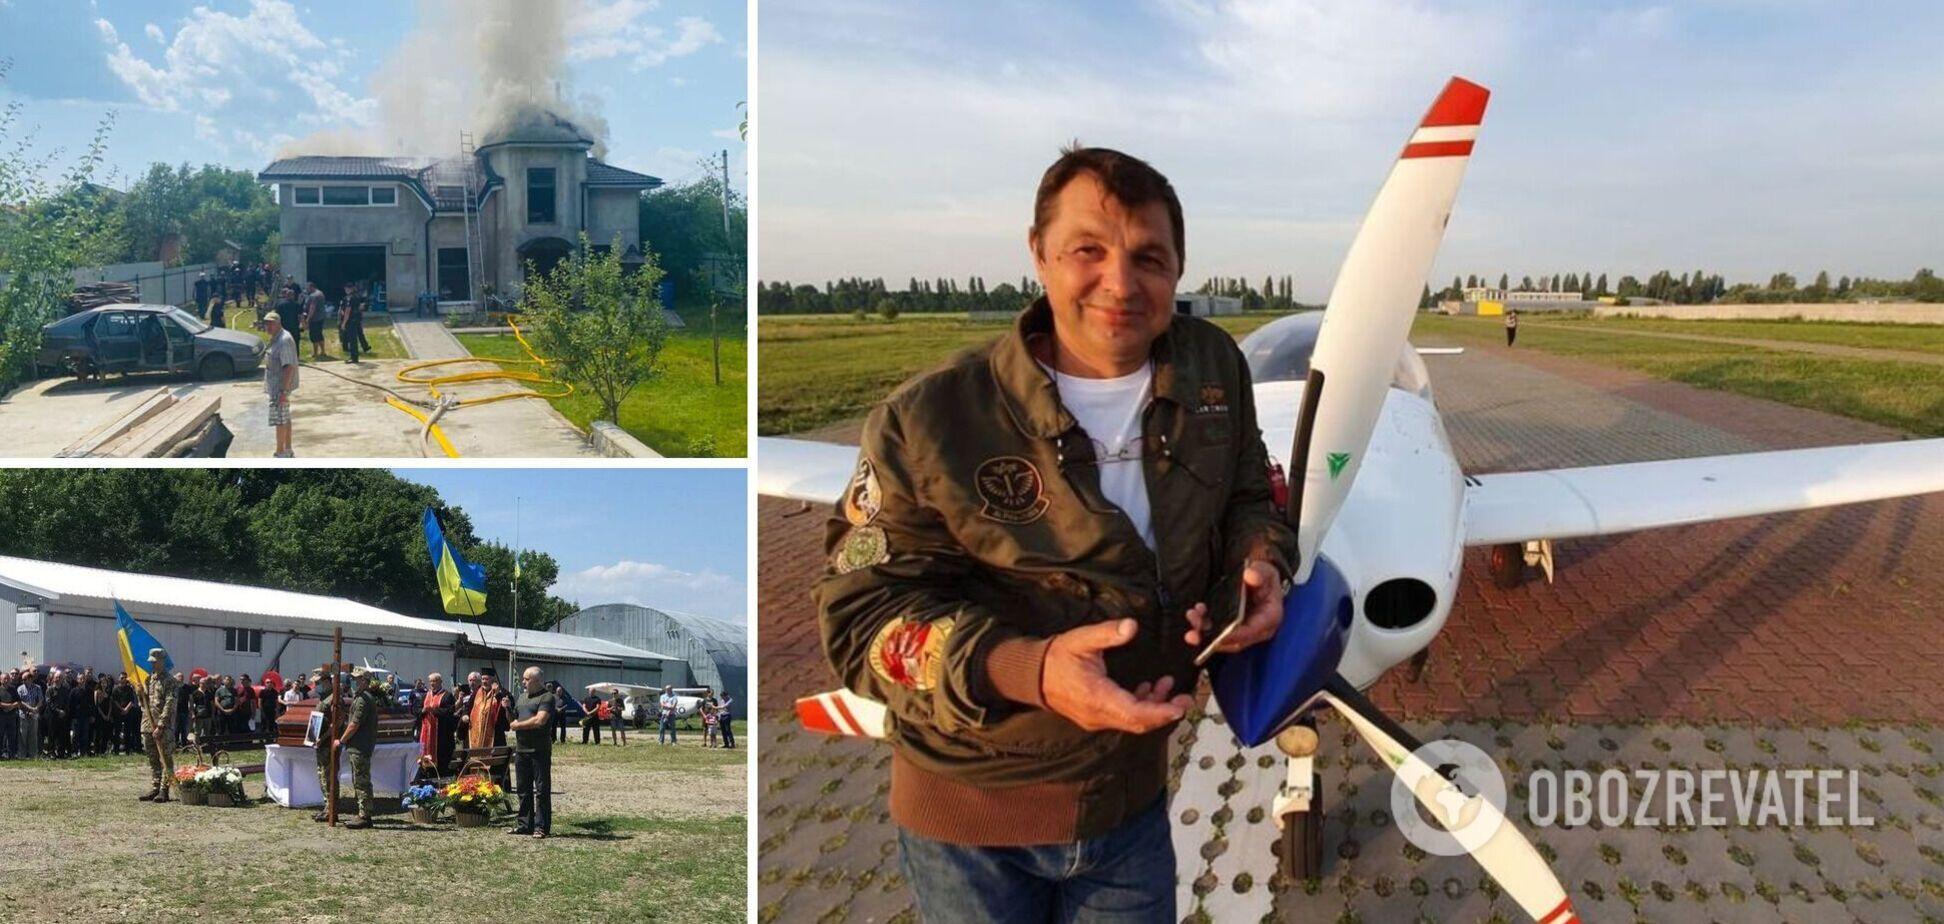 Родичі пілота Табанюка назвали авіакатастрофу в Коломиї замовним убивством